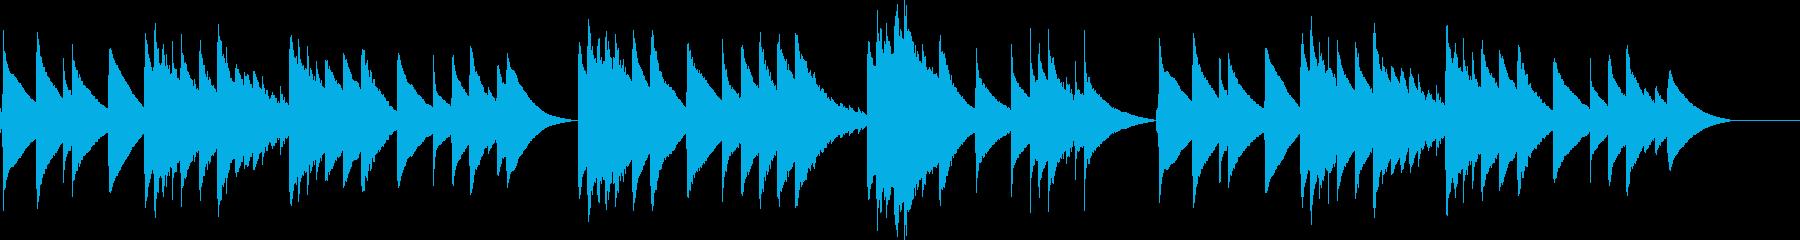 表彰式 得賞歌 long(オルゴール)の再生済みの波形